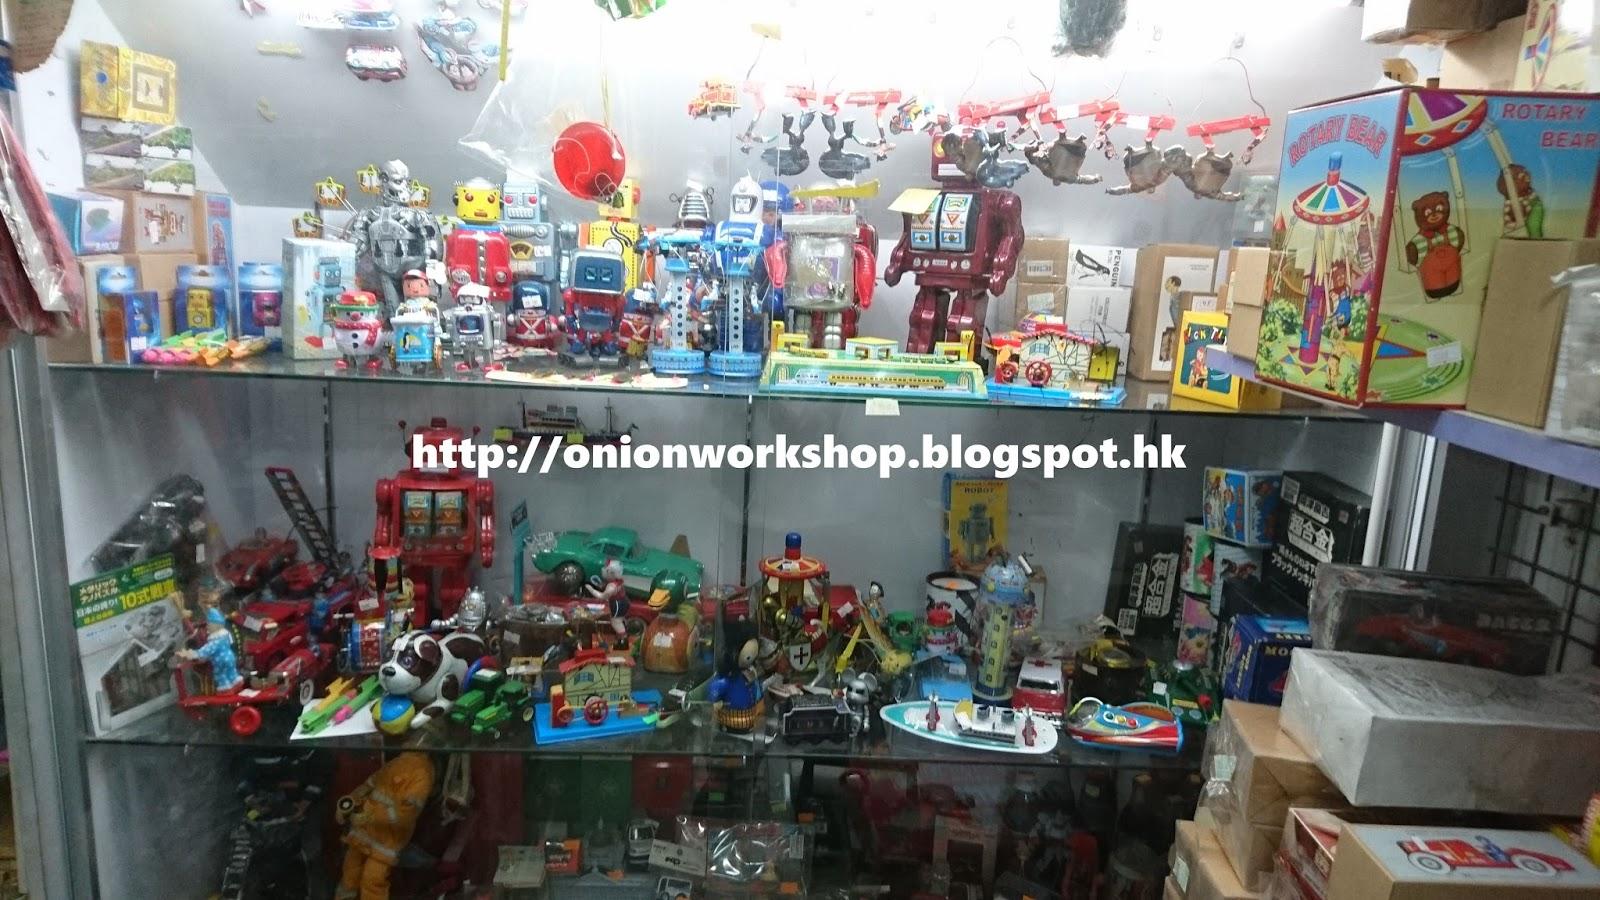 洋蔥頭的玩具店遊記: No. 075 九龍區 旺角 富昌玩具